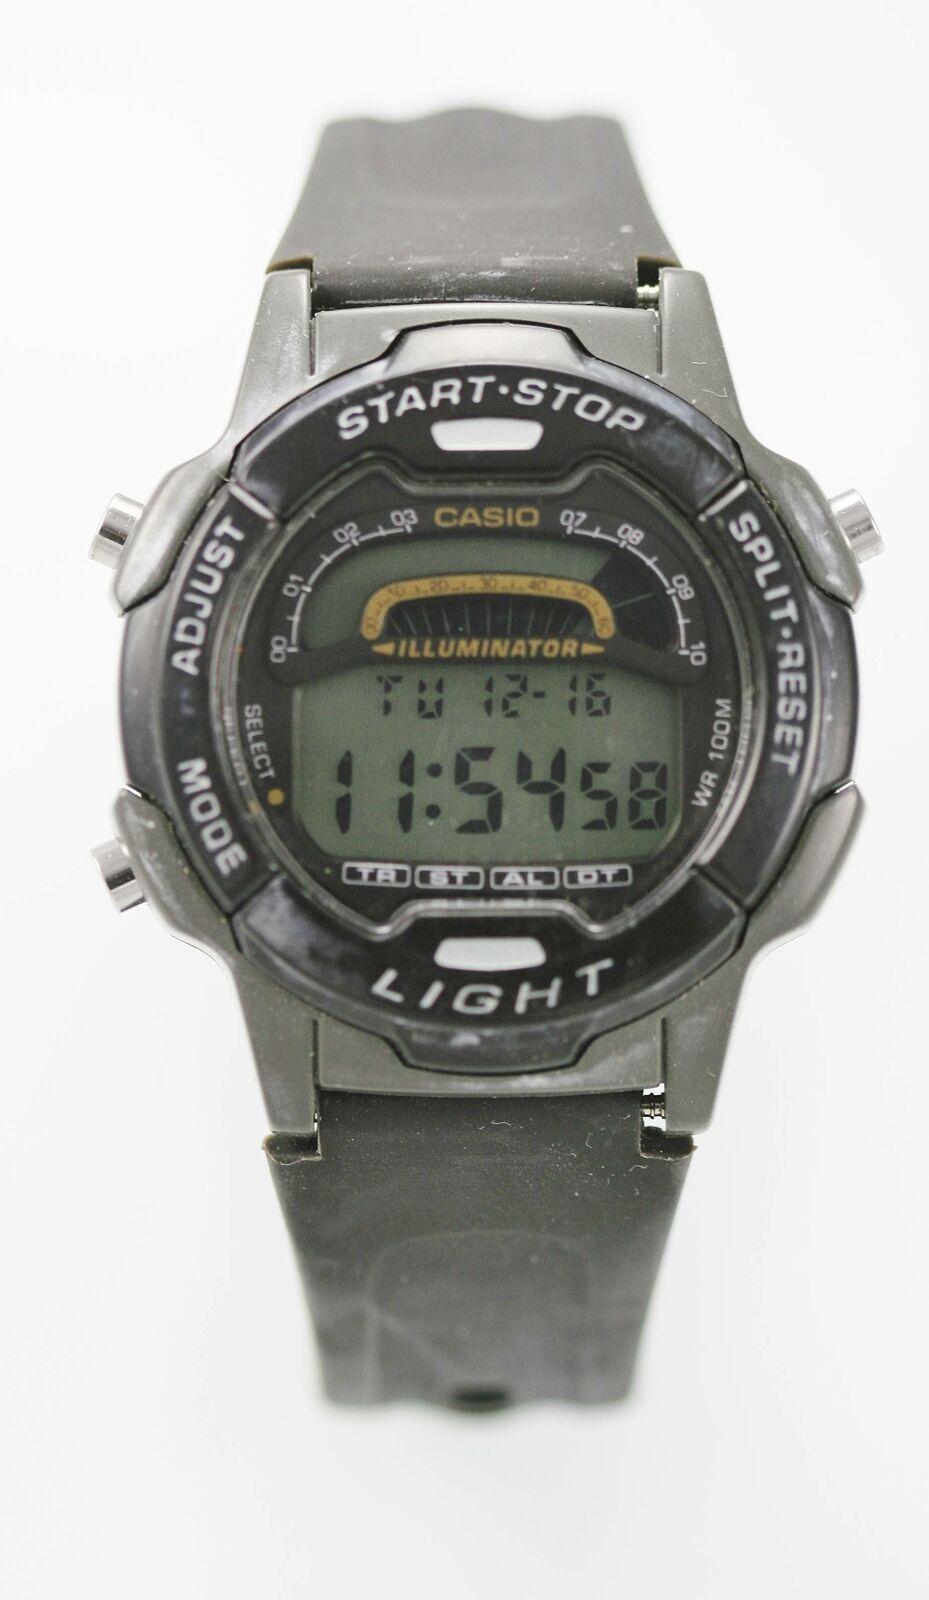 Épinglé sur Watches Retro Nerd Chic =[N]=